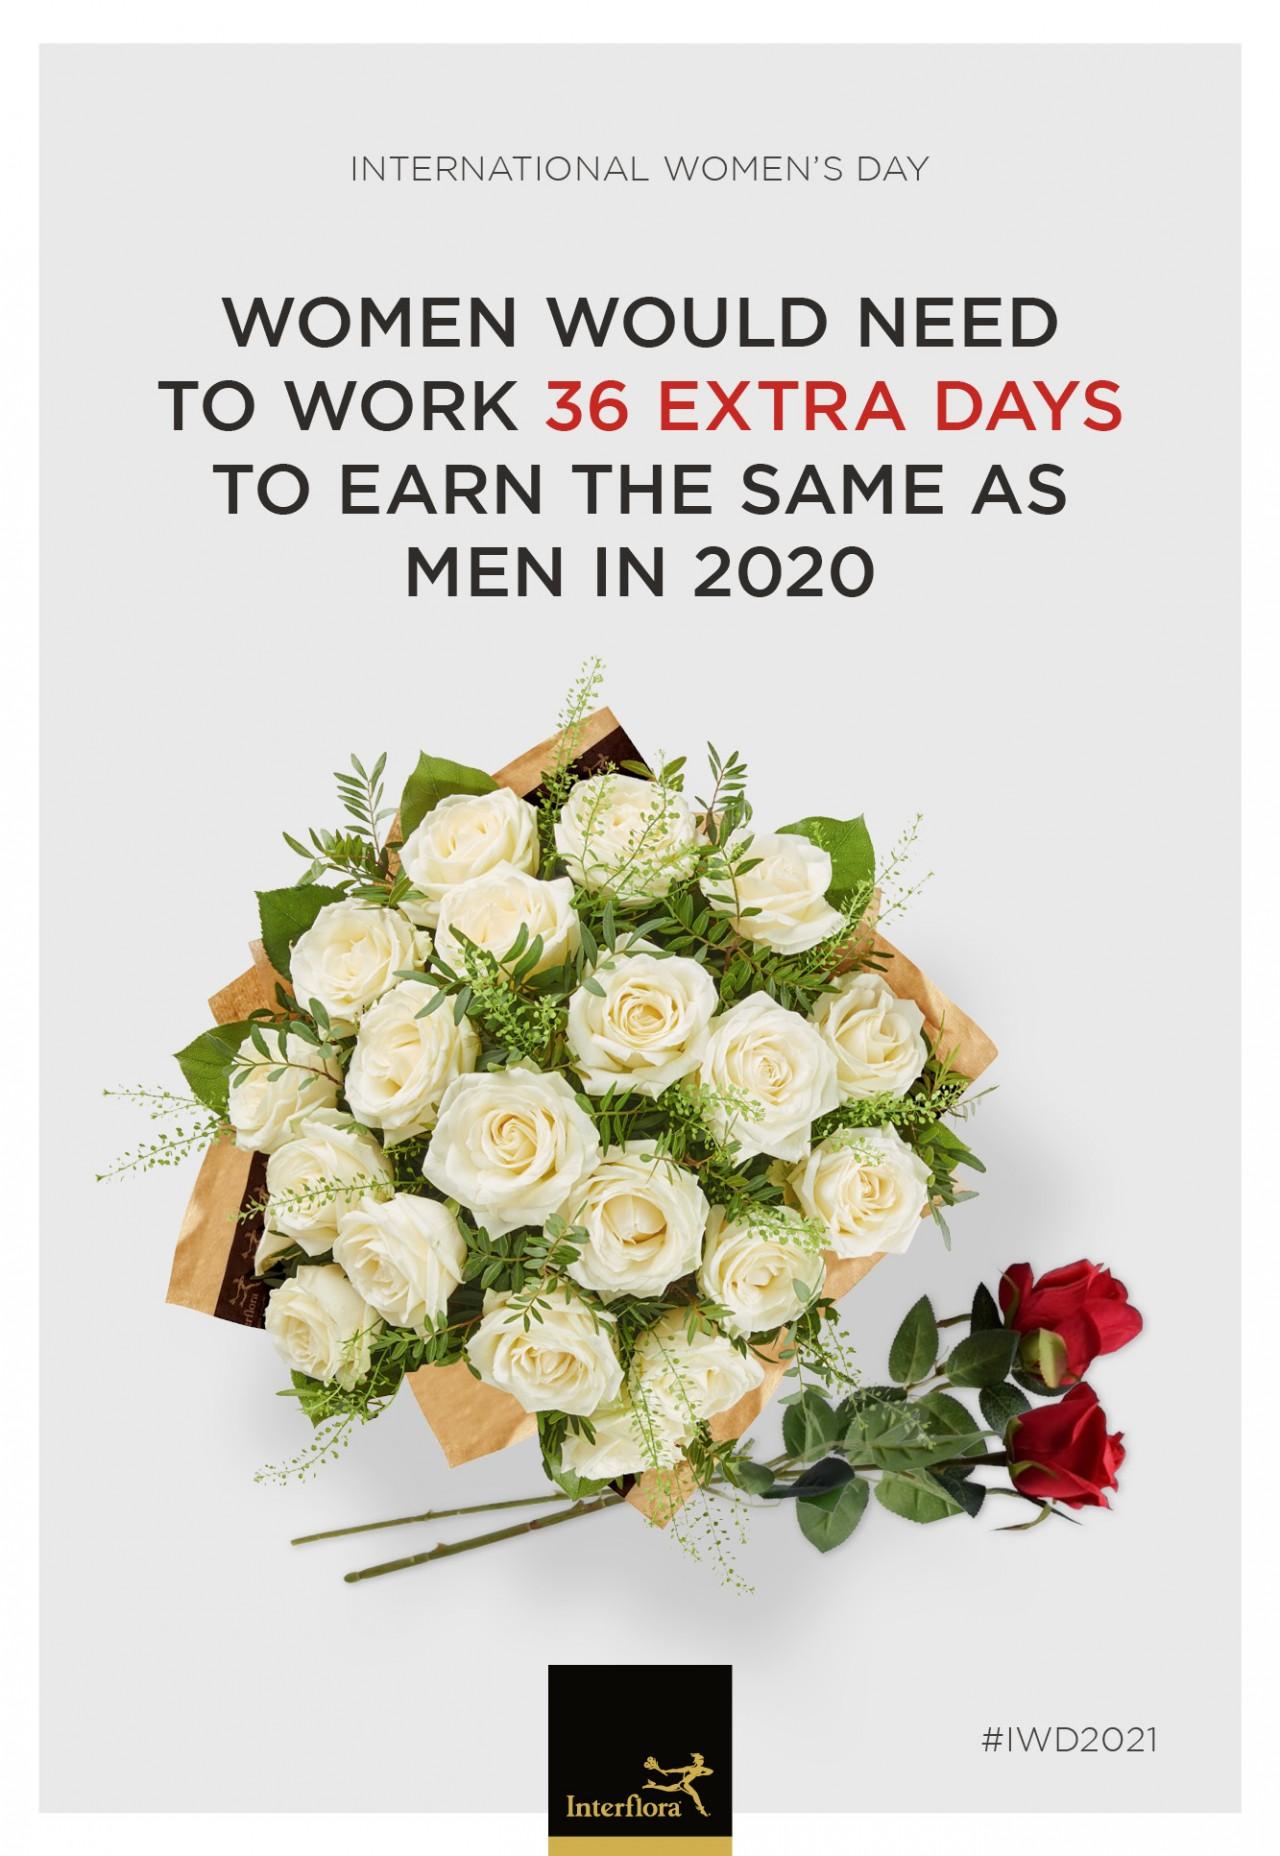 「男女の格差」をバラの花束で表現した、英フローリスト企業のキャンペーン広告